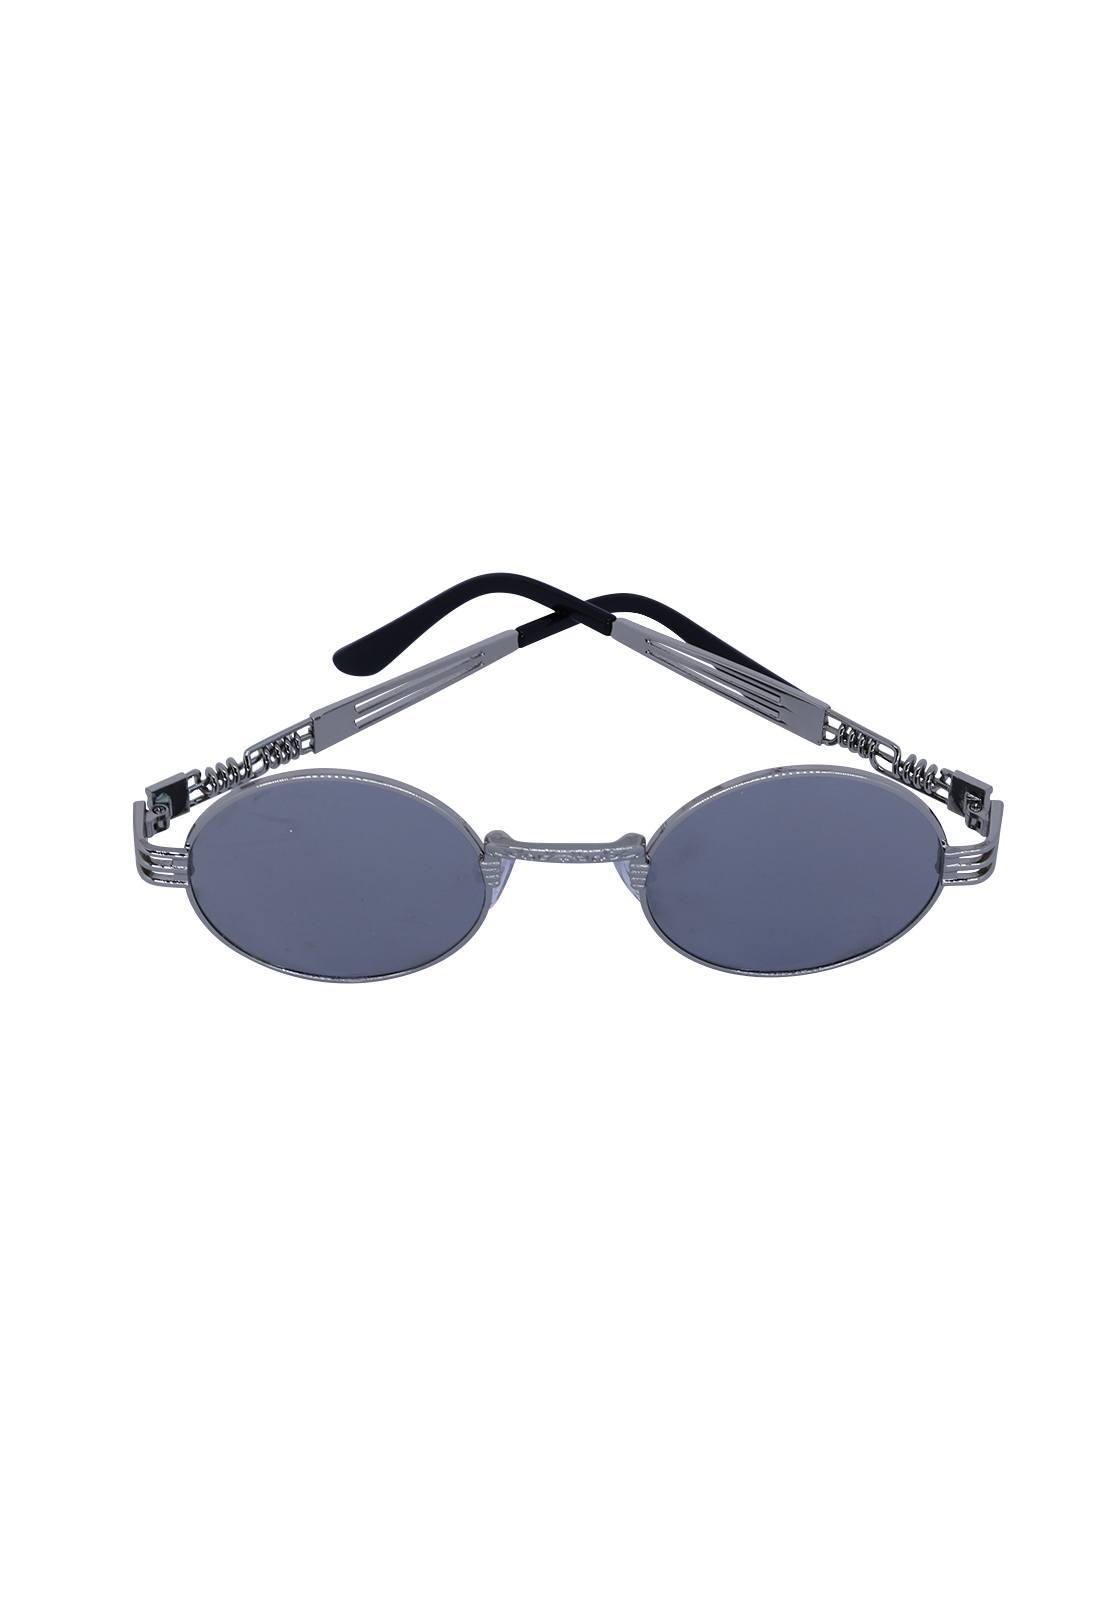 Óculos de Sol Grungetteria Creepy Prata